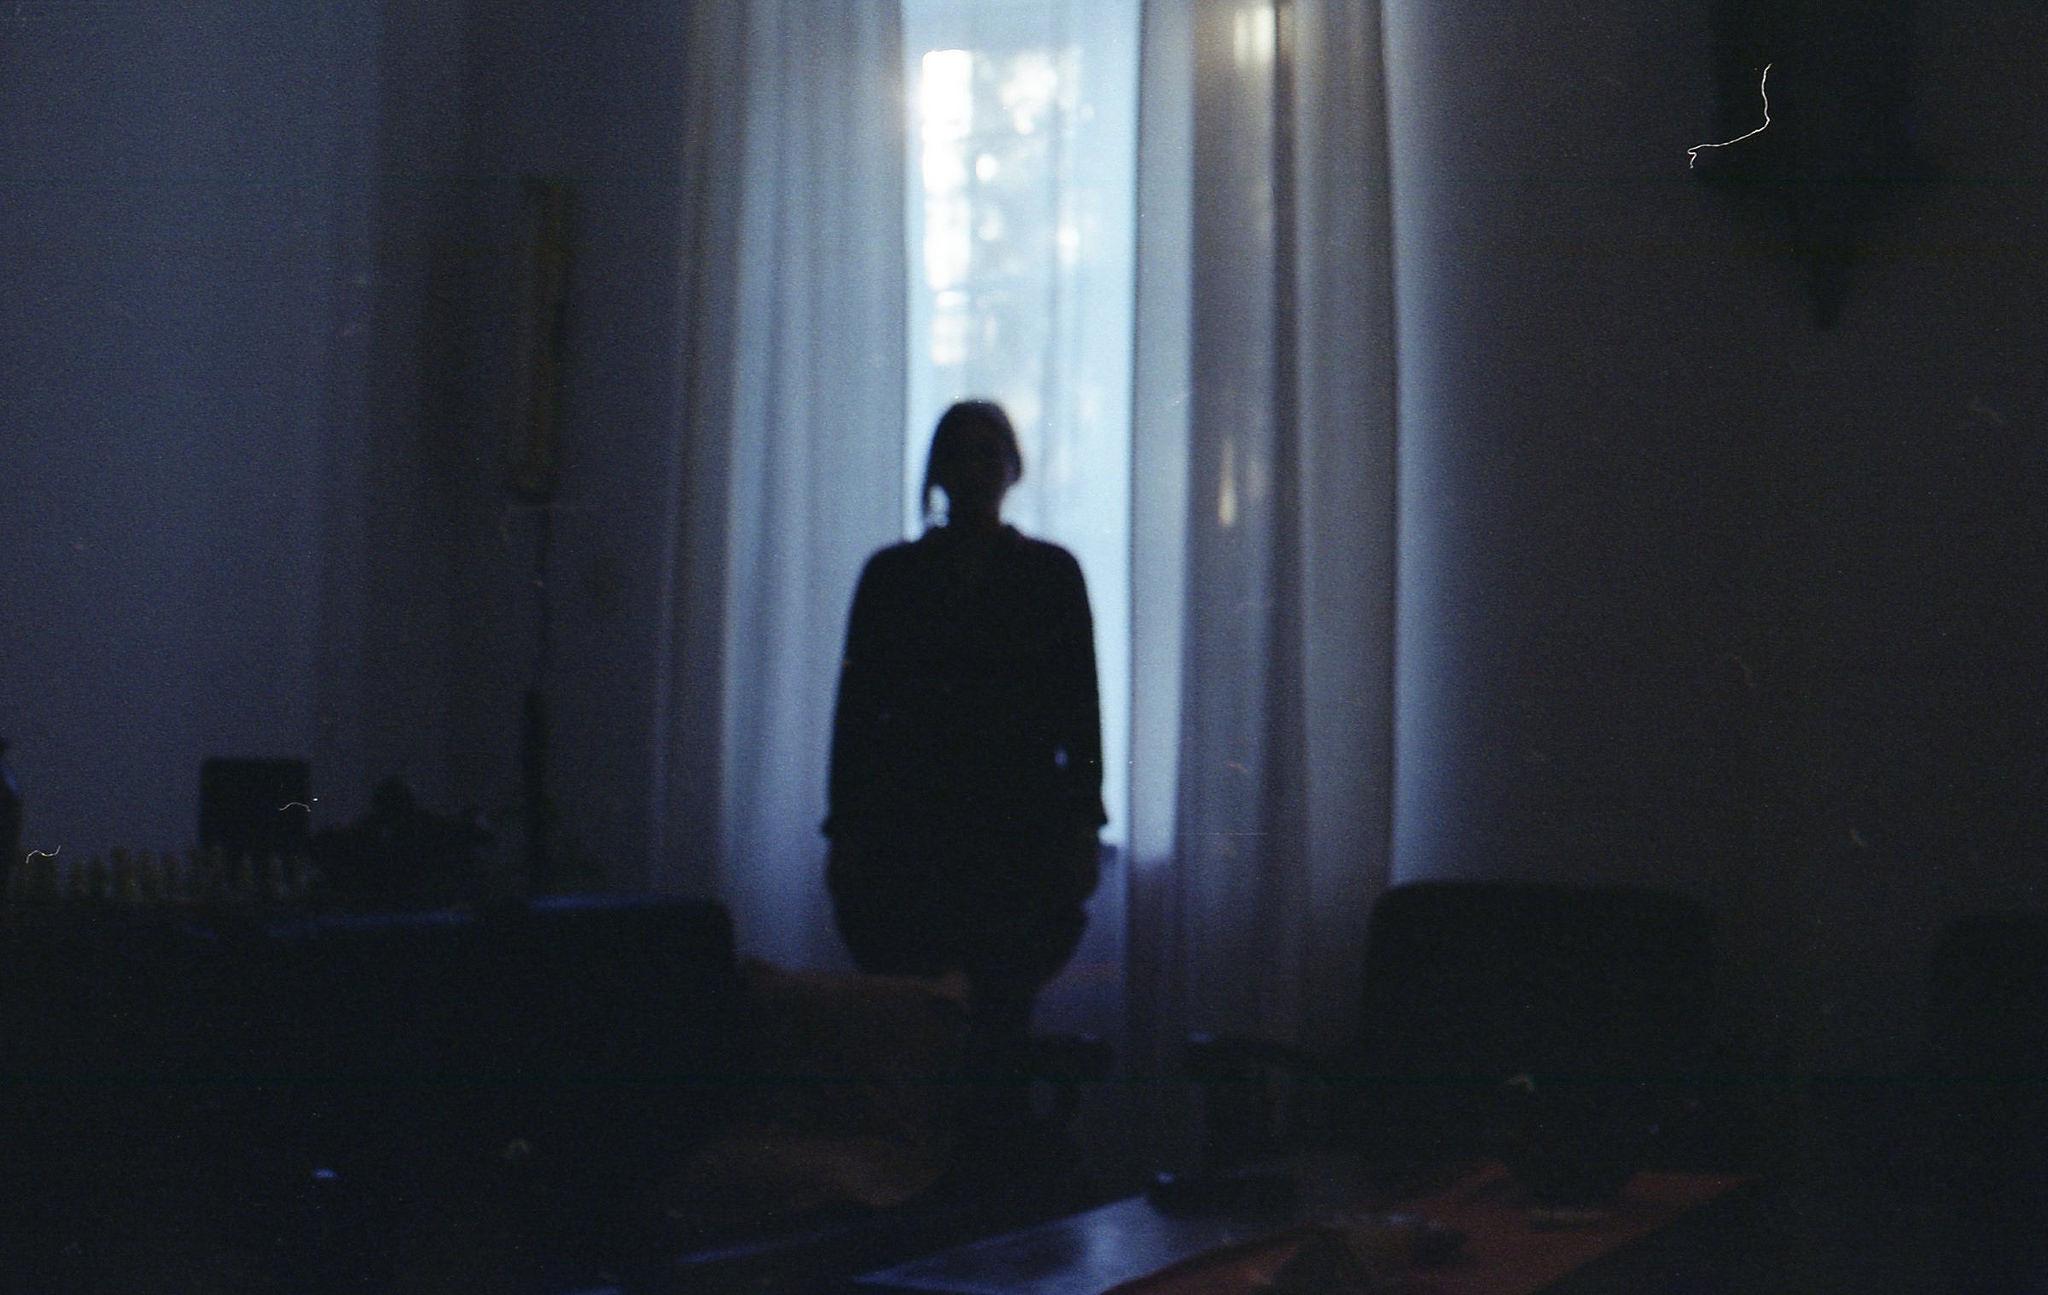 Em Bernatzky silhouette